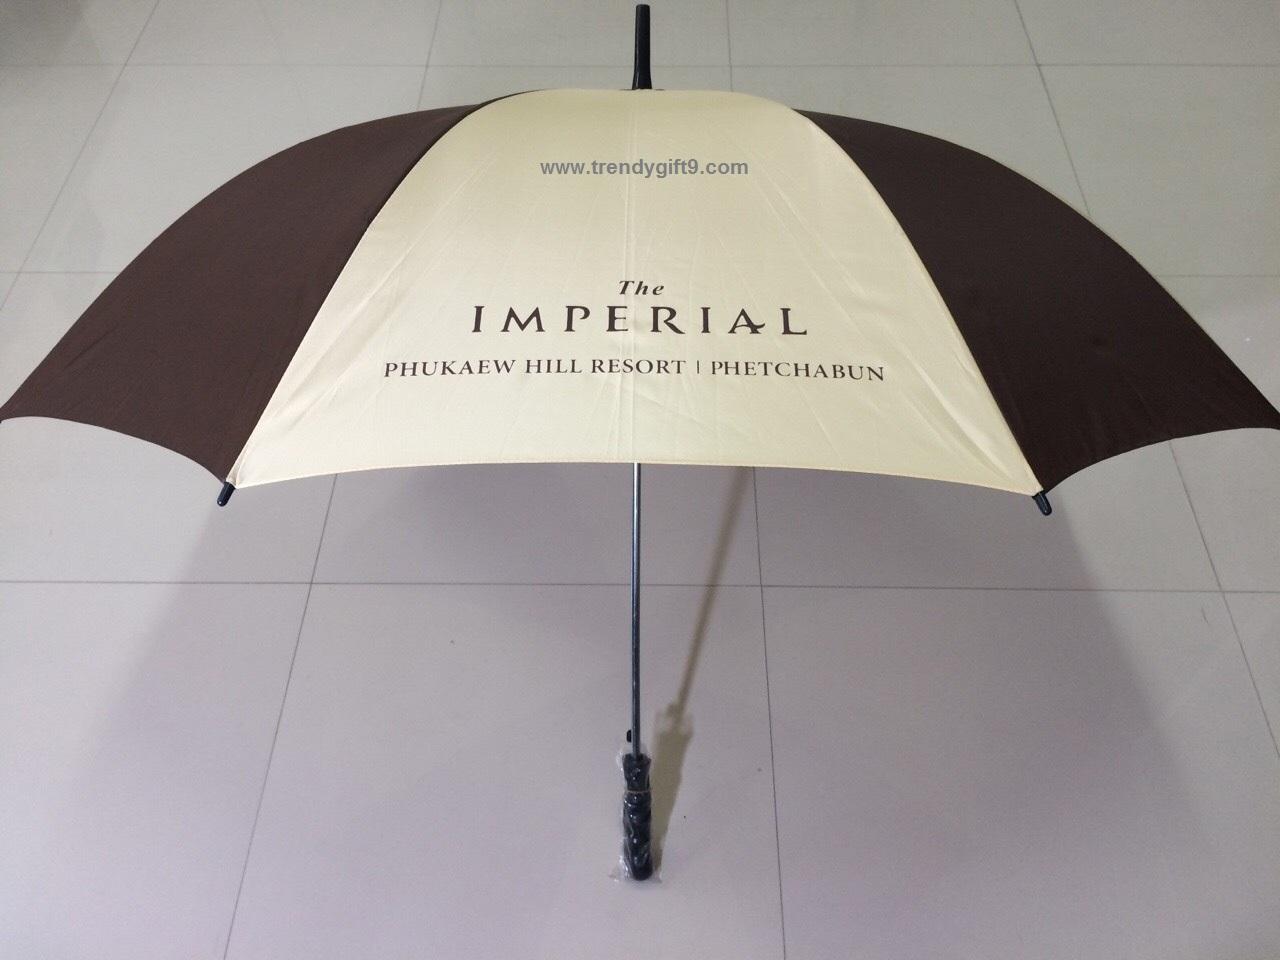 ร่ม 27 นิ้ว (Imperial)